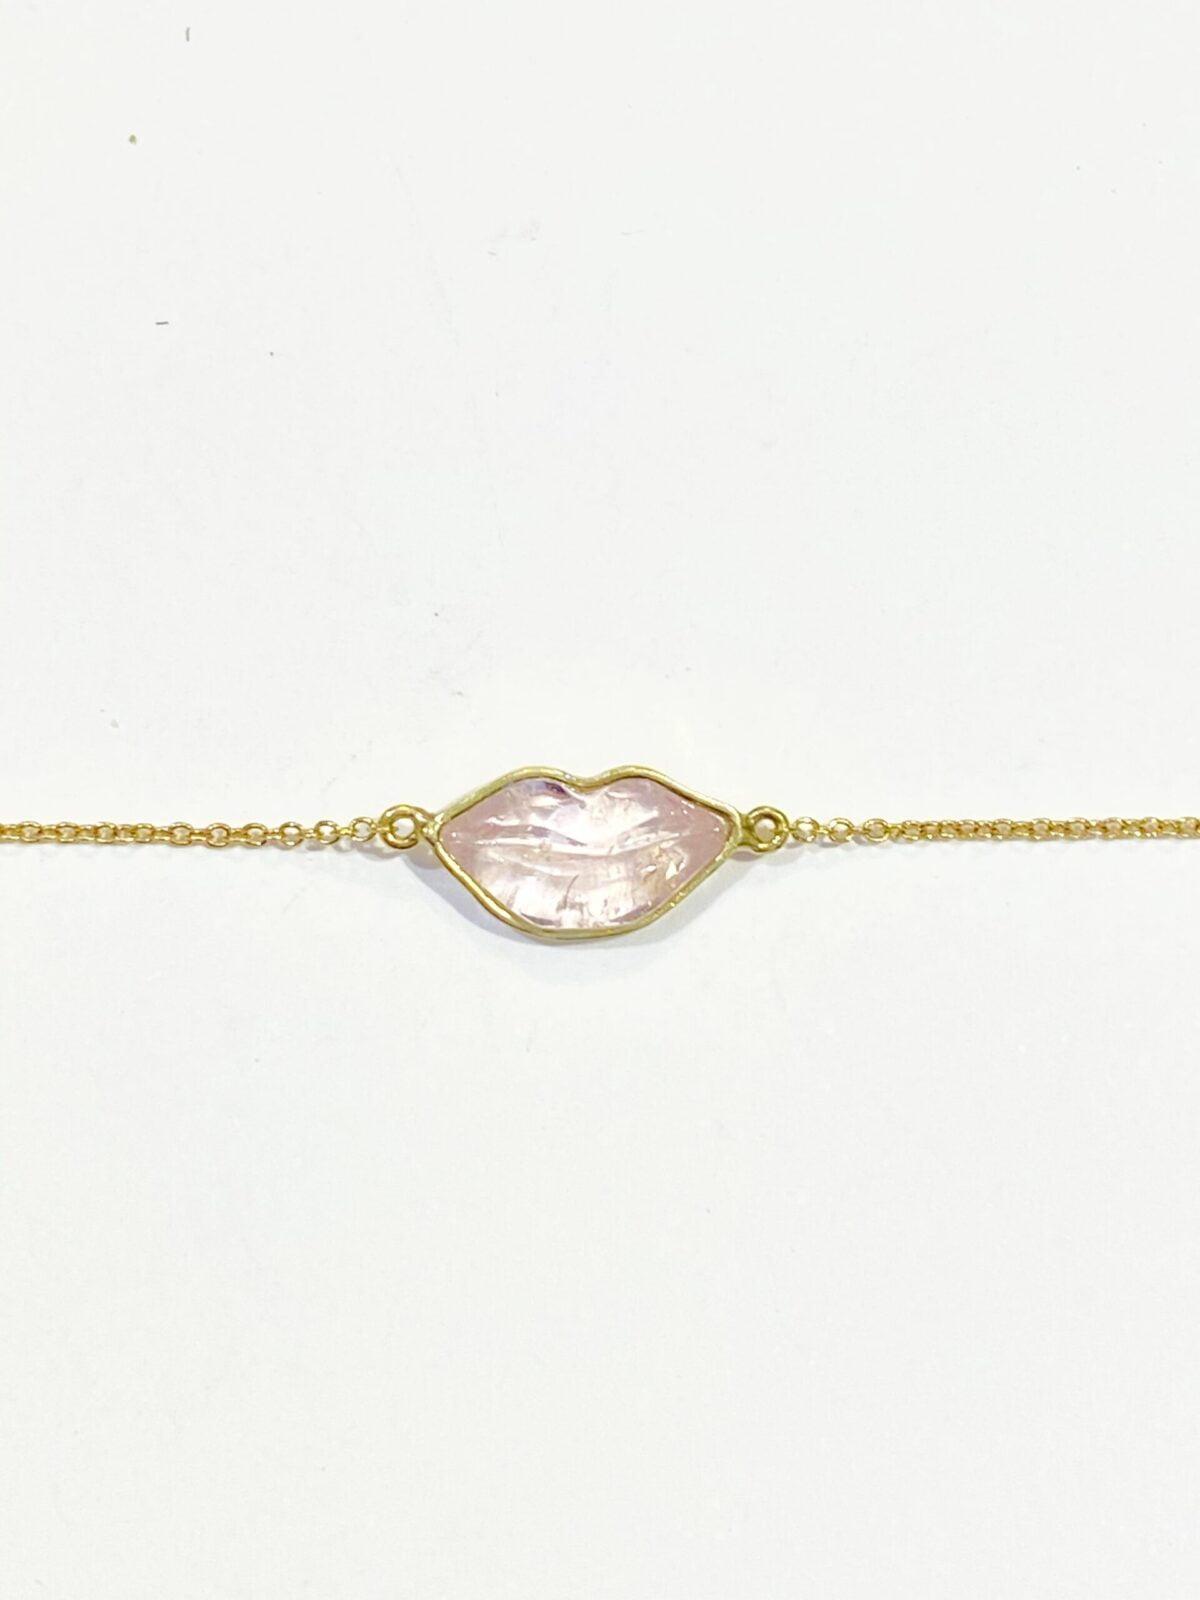 Kiss Bracelet - Monica G